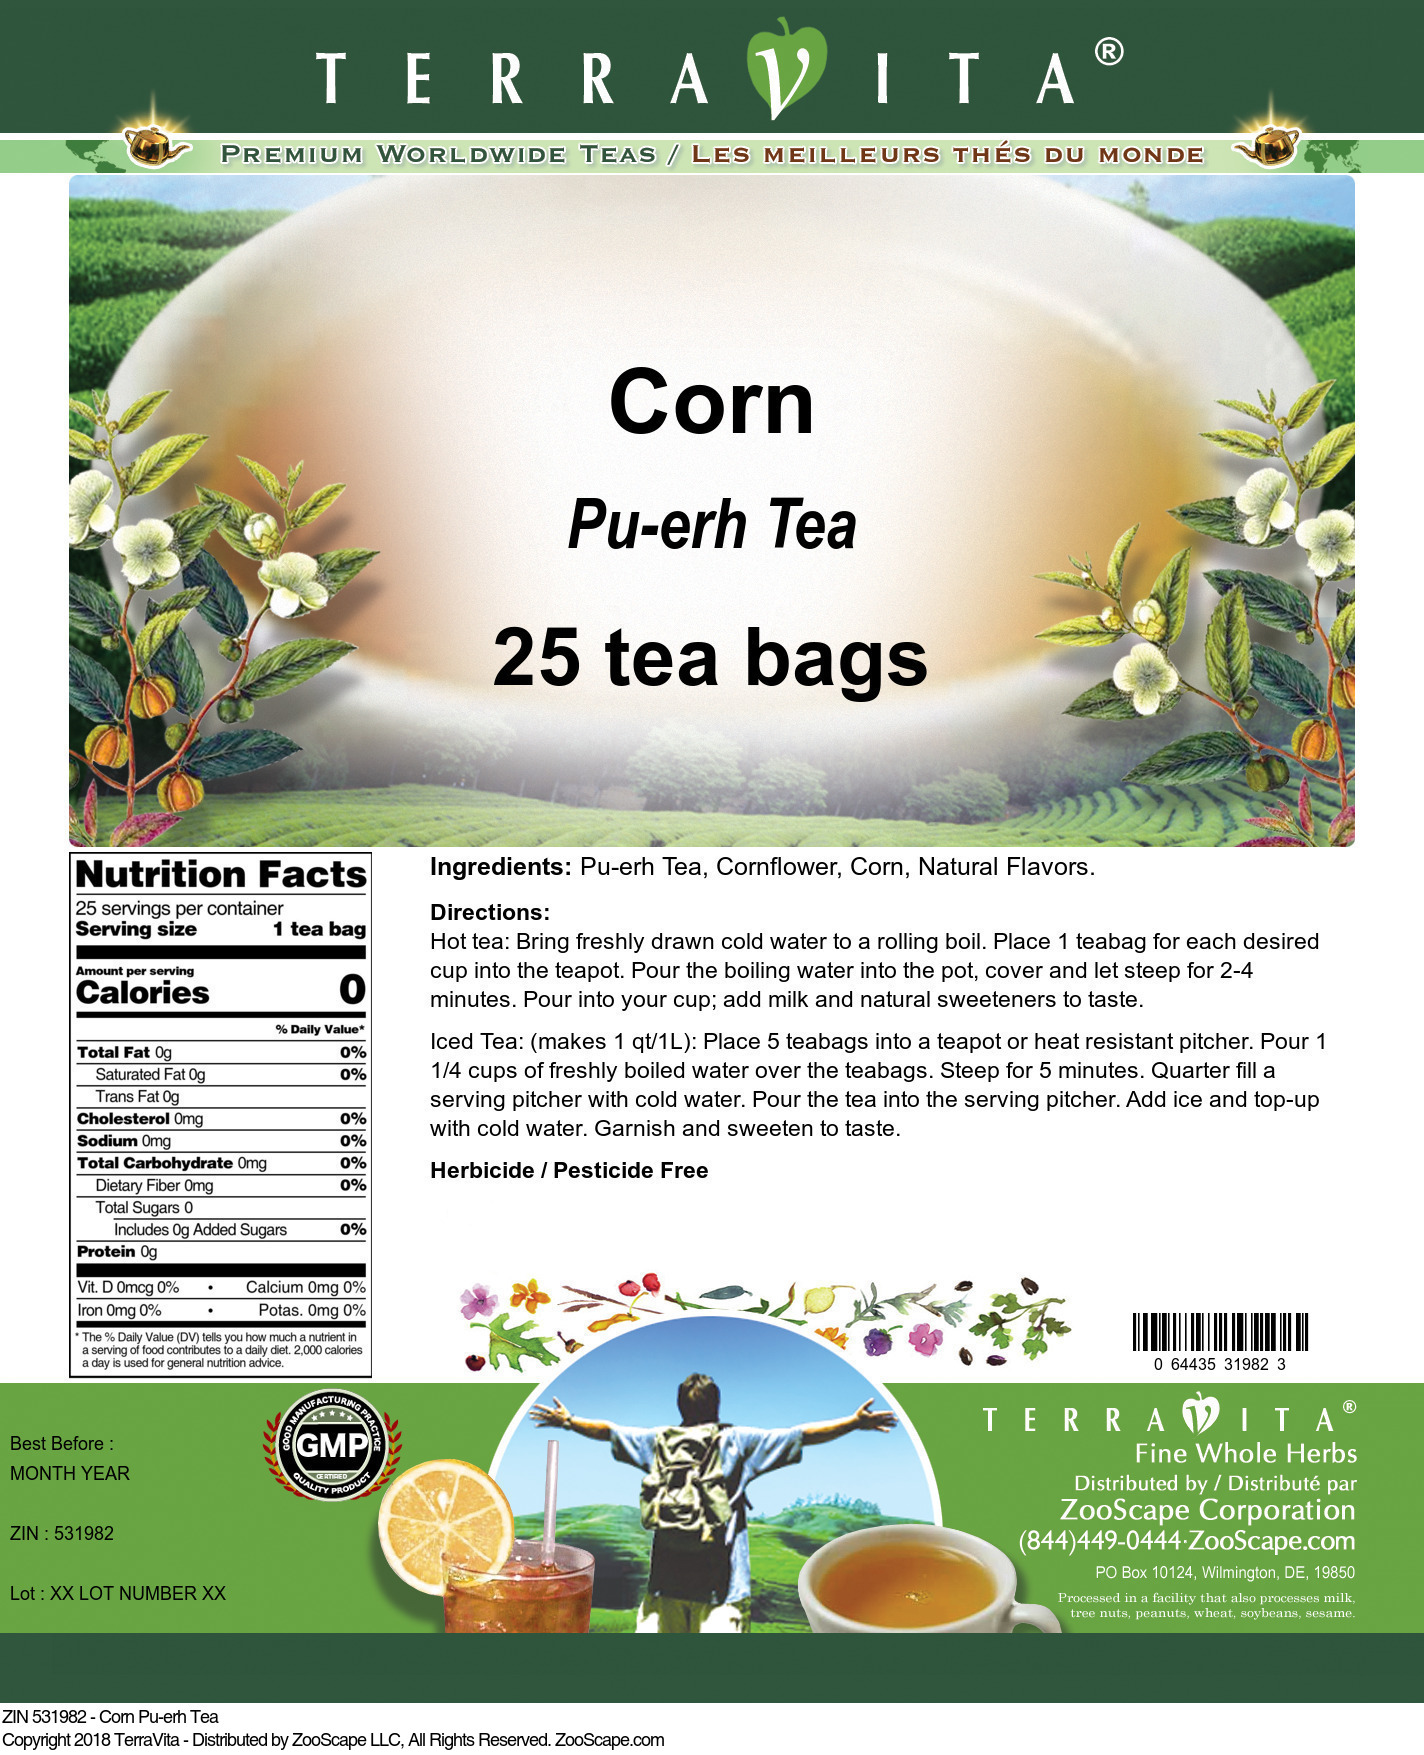 Corn Pu-erh Tea